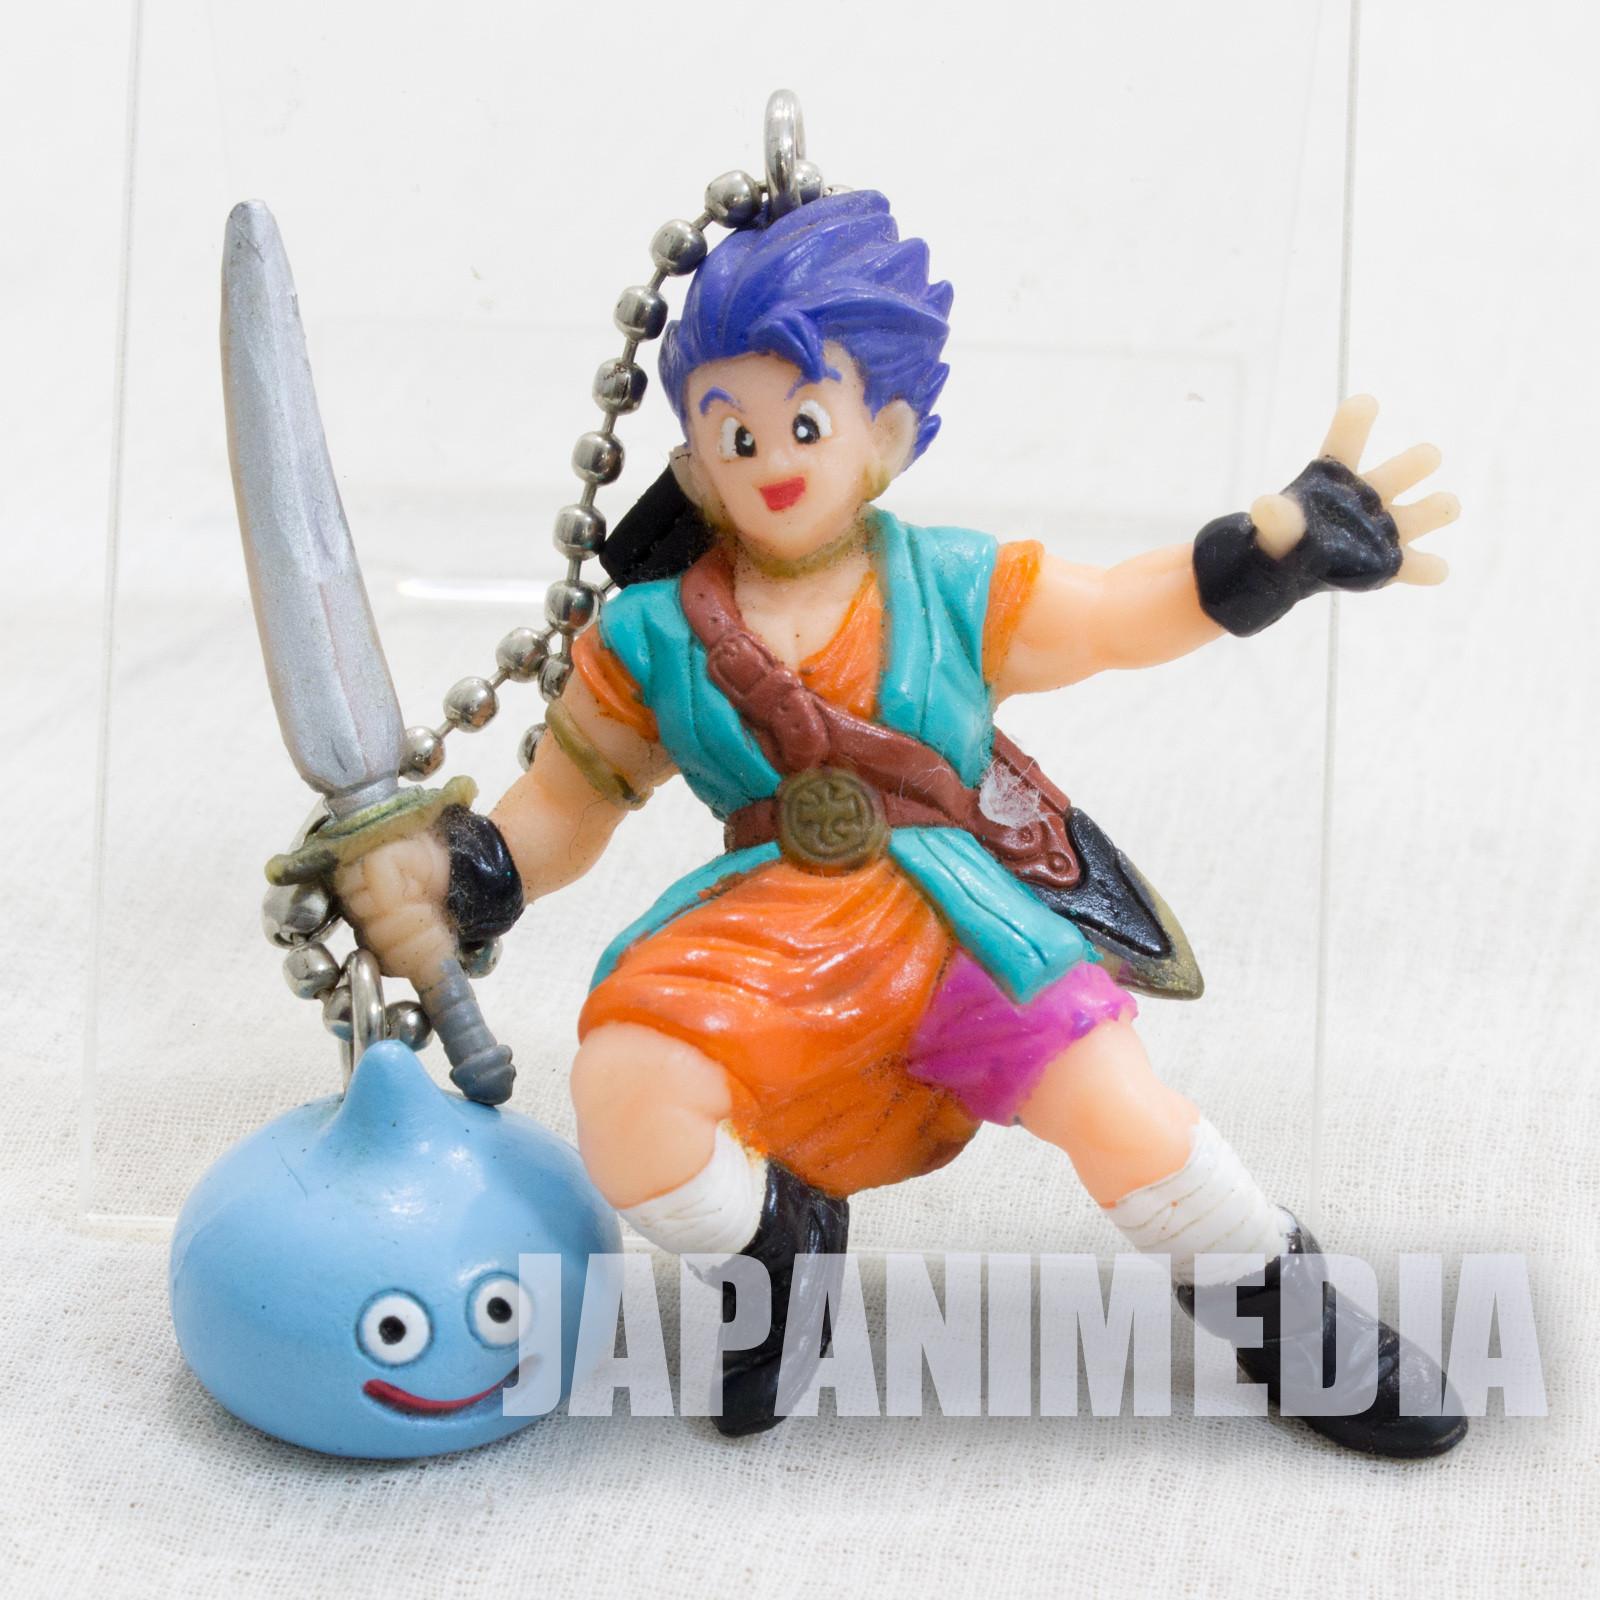 Retro RARE! Dragon Quest VI 6 Hero & Slime Figure Ballchain WARRIOR ENIX